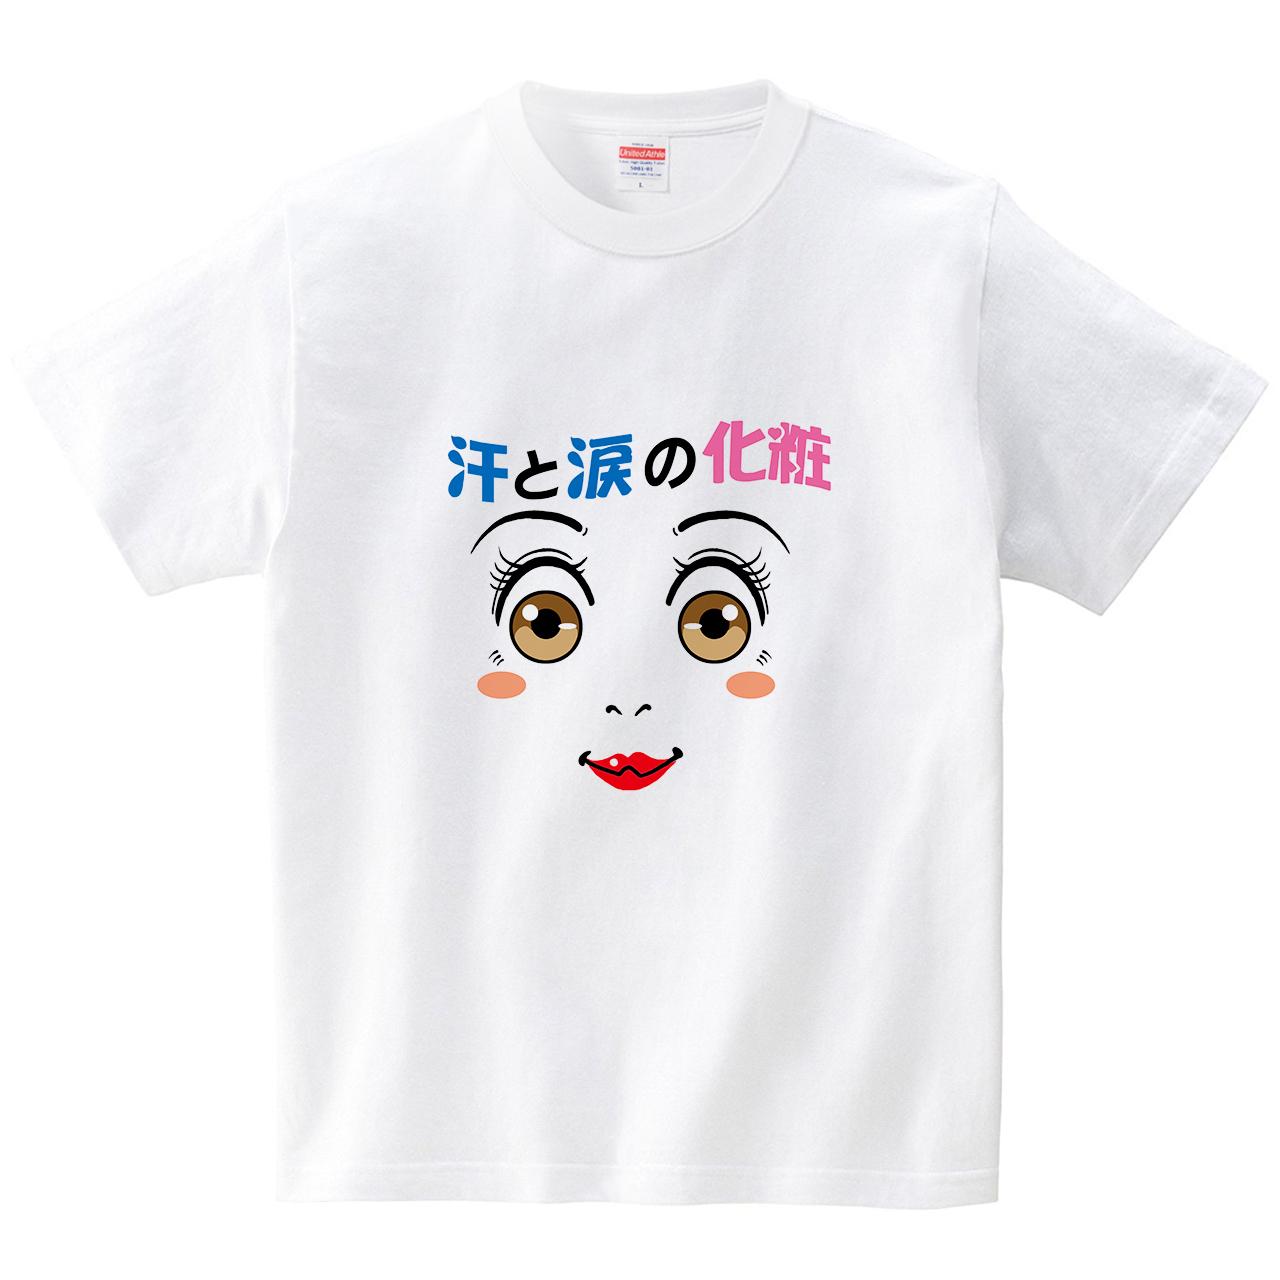 お化粧(Tシャツ・ホワイト)(ゆめの よう)